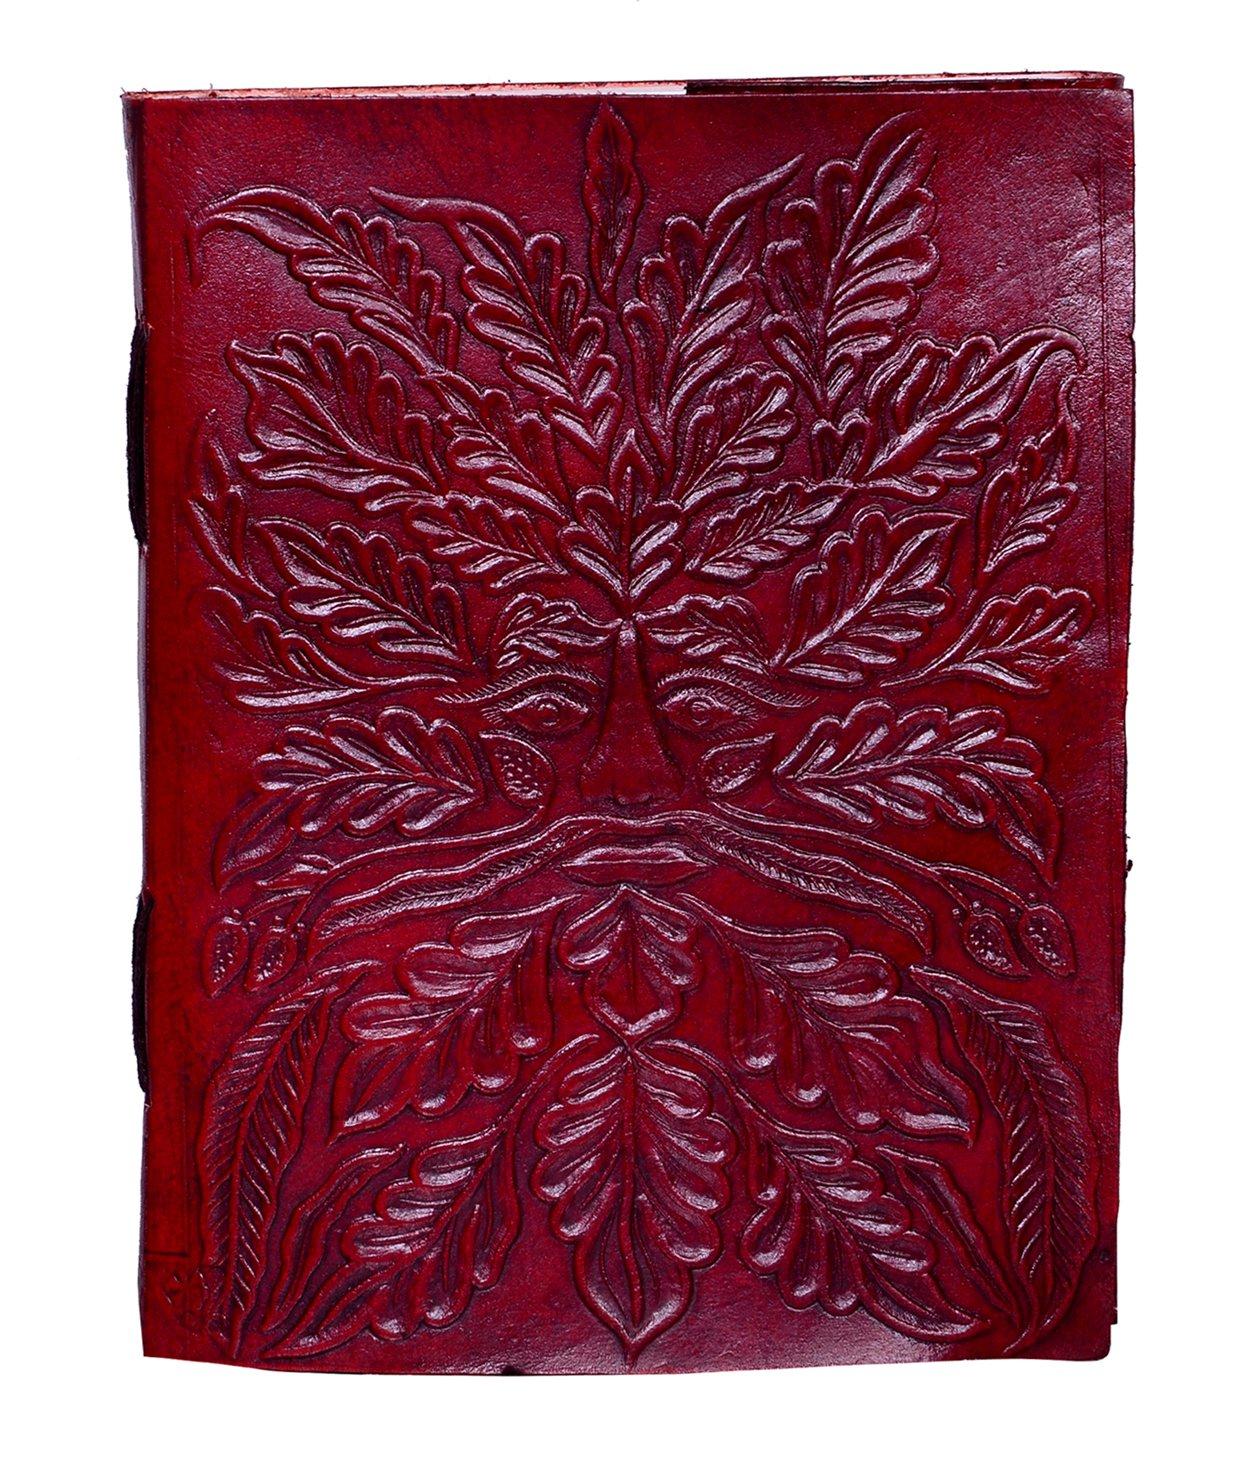 """purpledip diario de cuero/diario/cuaderno """"Bacchus, el dios de la naturaleza y fiesta"""": Tratado de forma natural papel recubierto en piel de cabra de silicona para regalo de empresa o personal Memoir (10510) LJ11"""